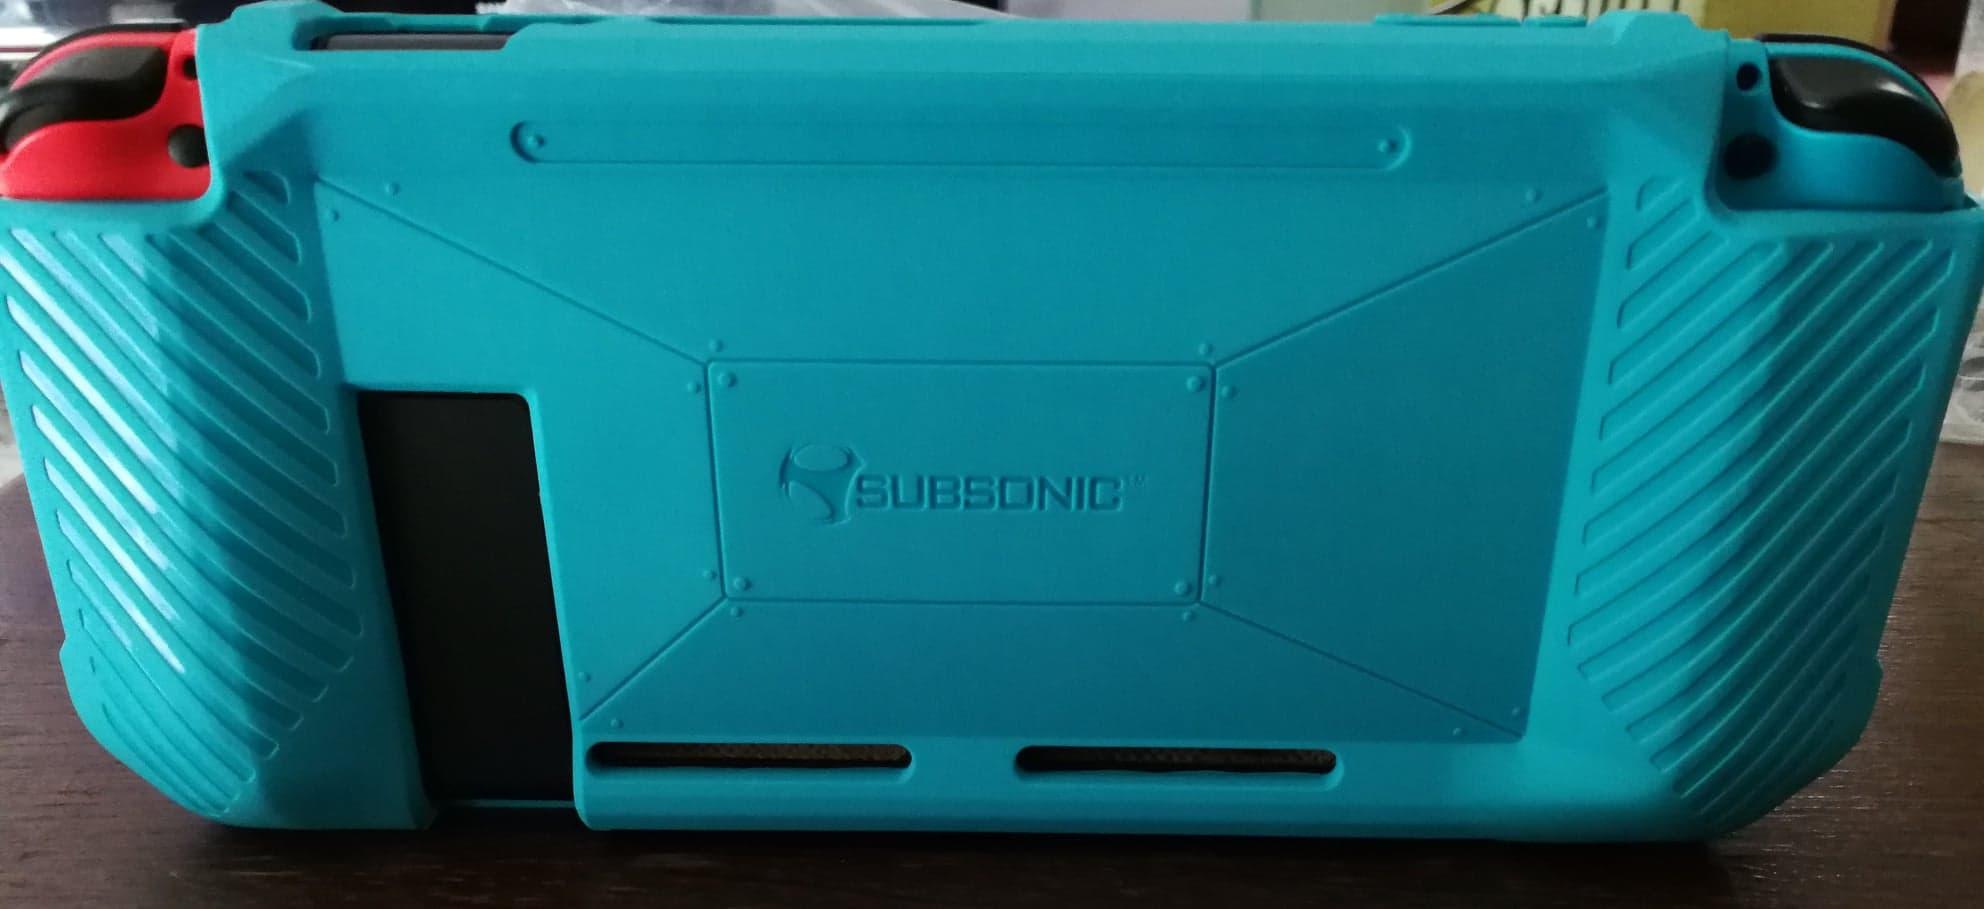 Bumper Case installé sur la Nintendo Switch